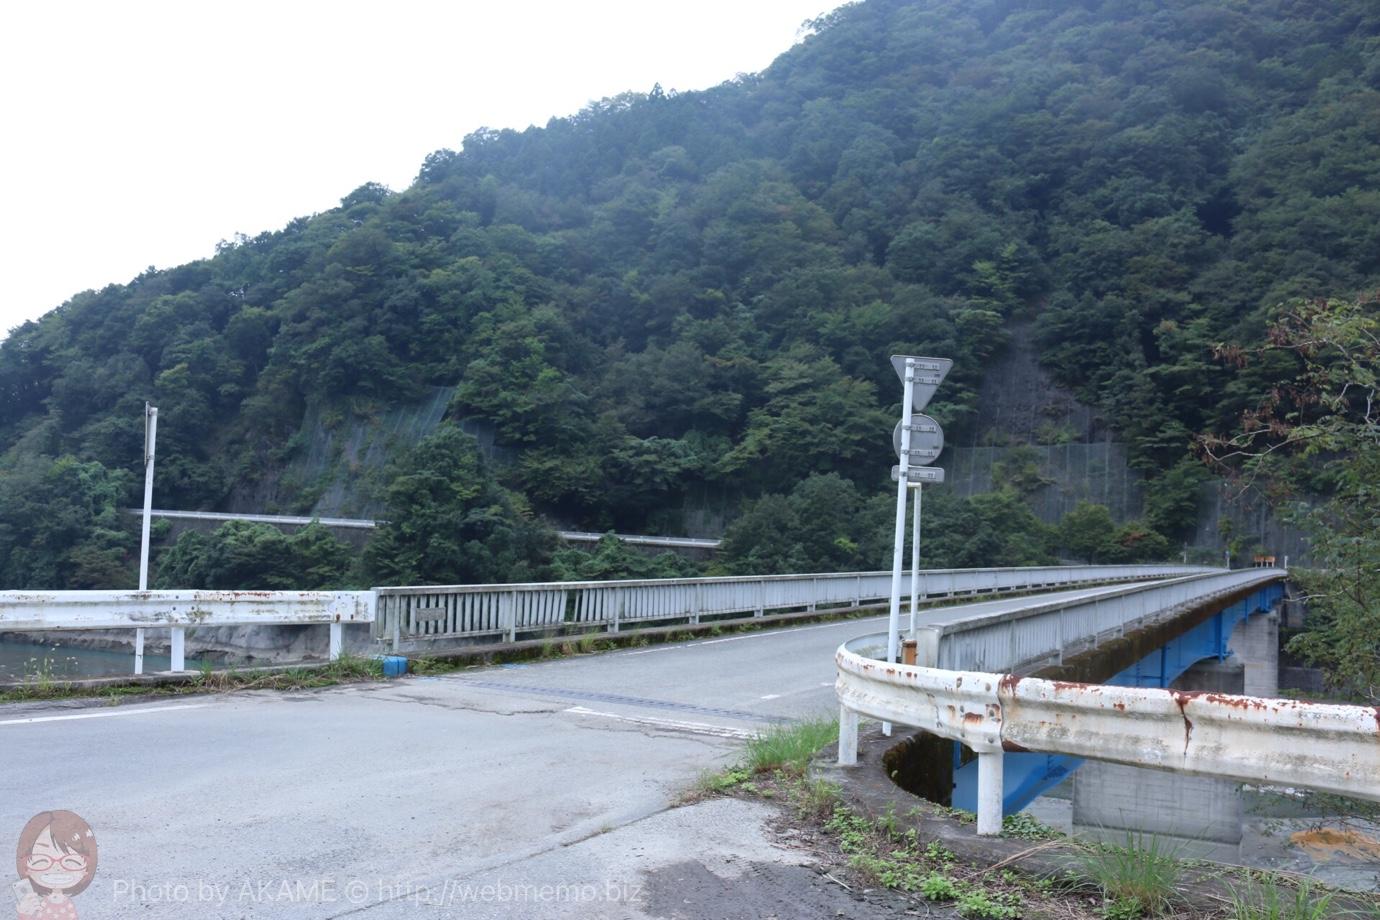 ユーシン渓谷 入り口前の橋